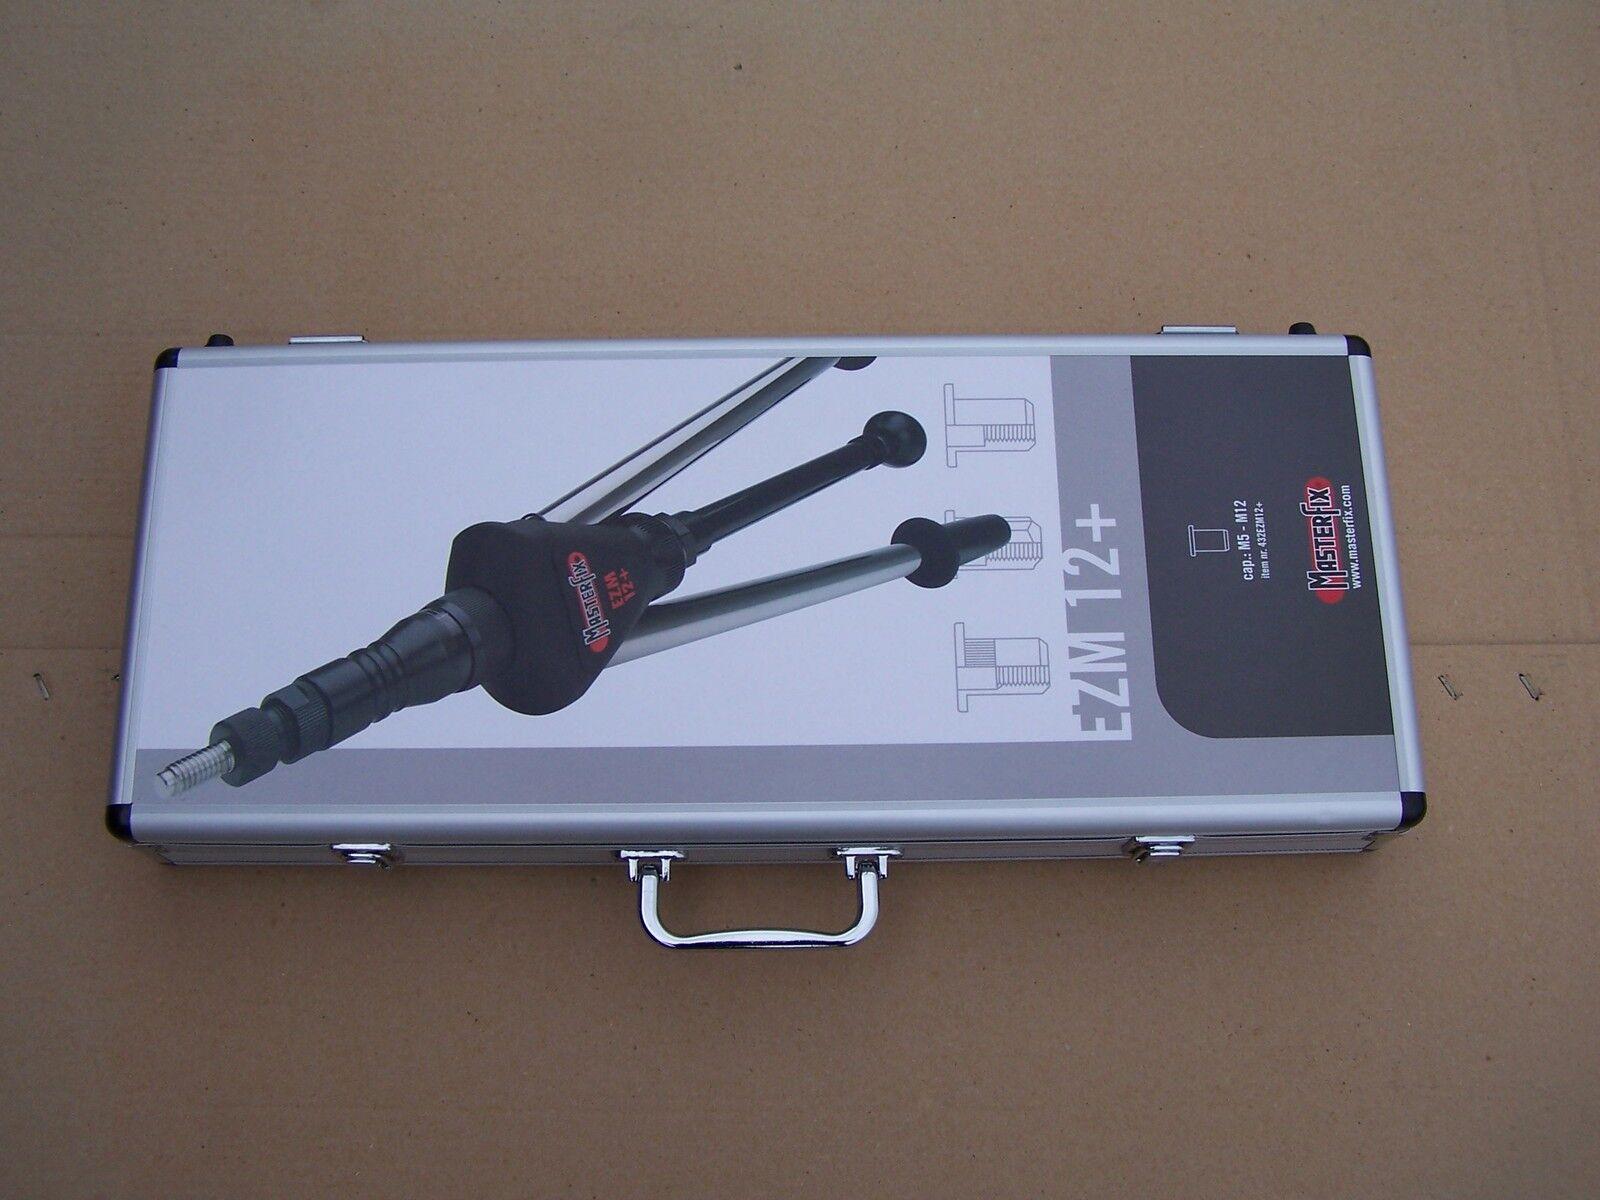 Über 400 Teile Nietmutternzange EZM12+ bis M12 Koffer J | Deutschland Frankfurt  | Neues Produkt  | Vorzüglich  | Schön In Der Farbe